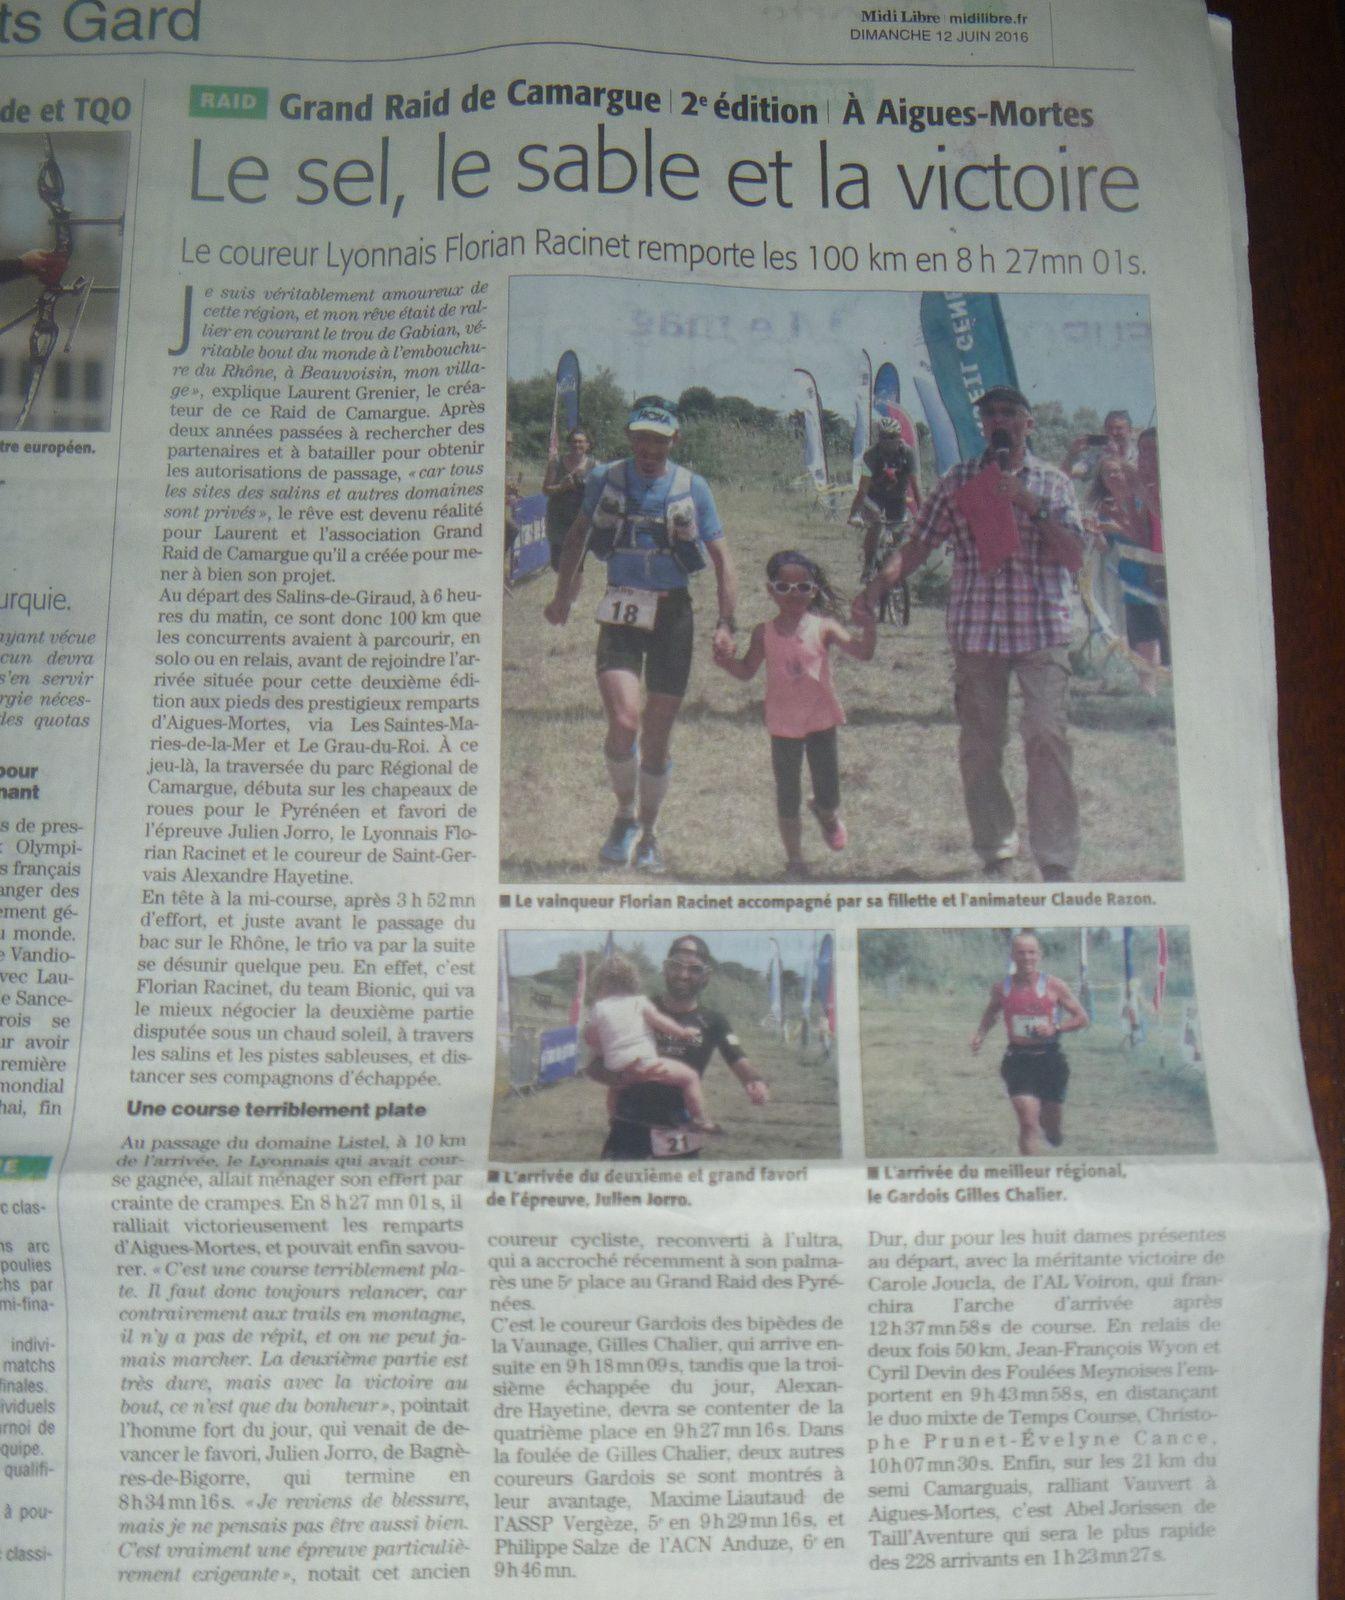 Un grand article sur le Midi Libre de dimanche.